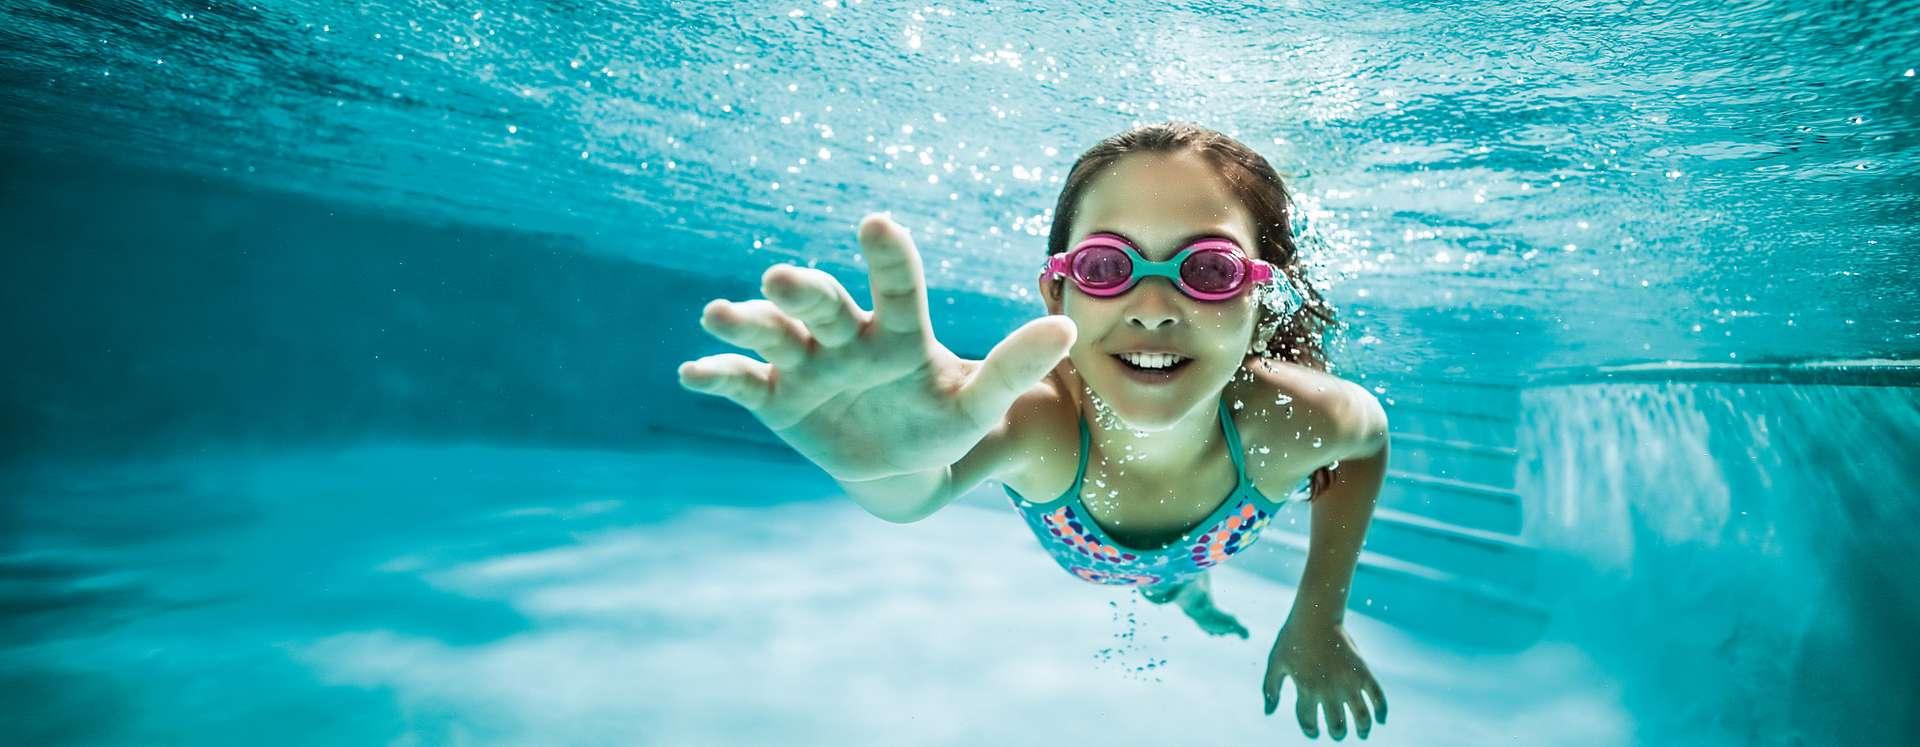 Niña nadando en la piscina